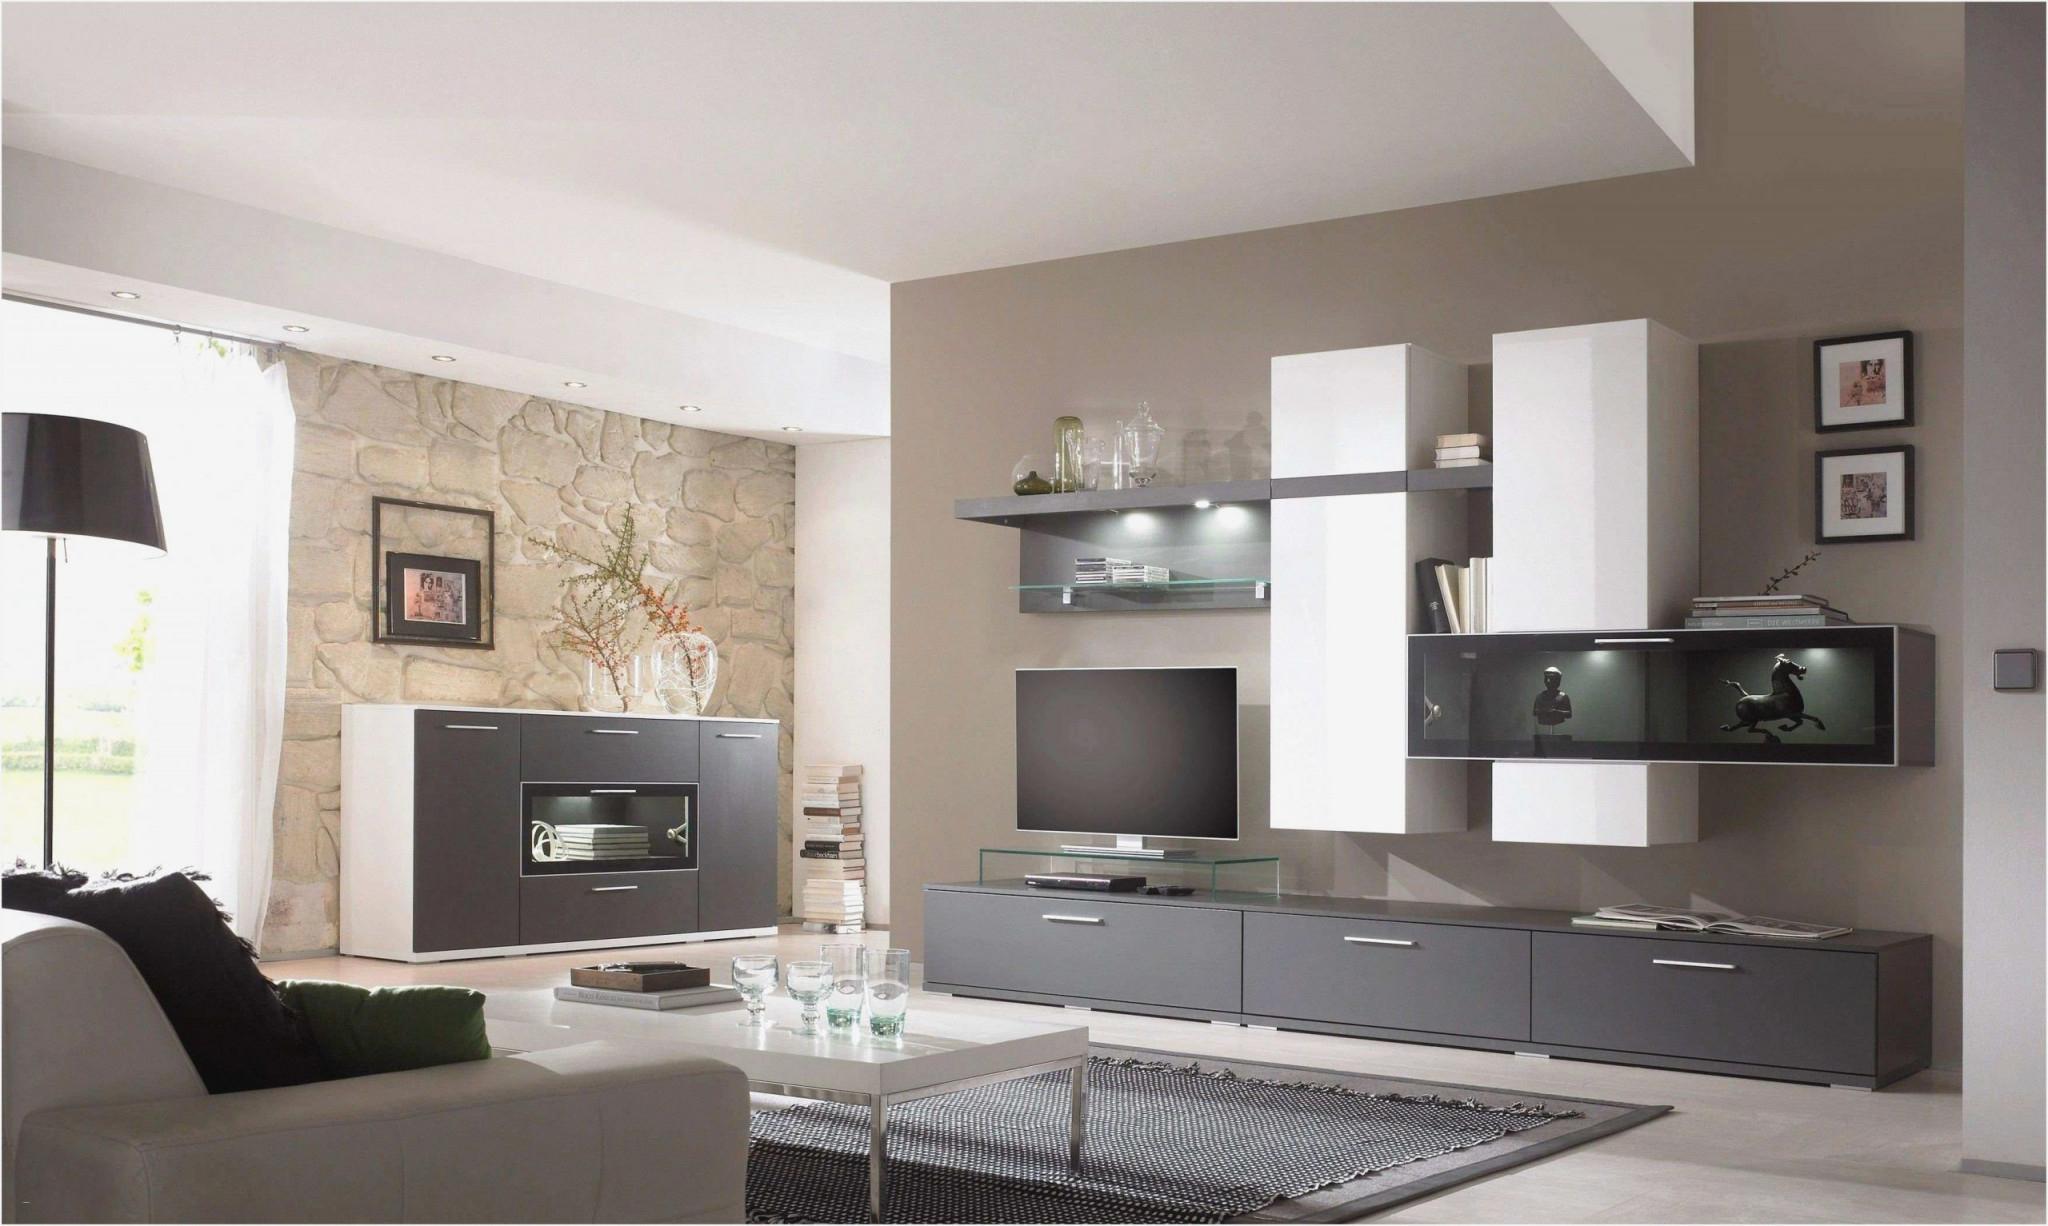 Ideen Für Wände Im Wohnzimmer Streichen  Wohnzimmer von Wohnzimmer Wände Ideen Bild